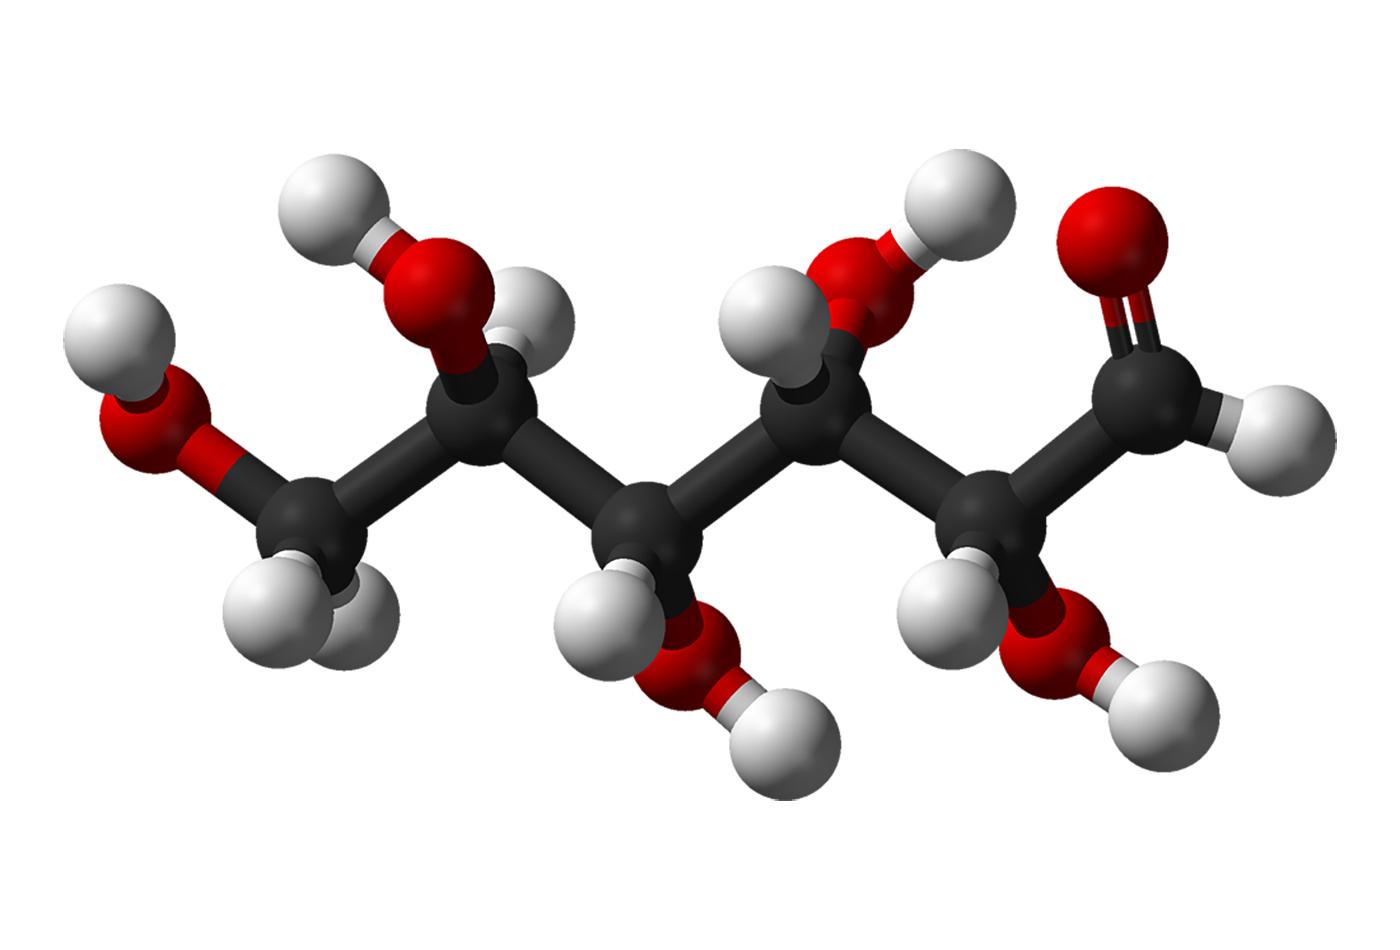 D-glucose chain